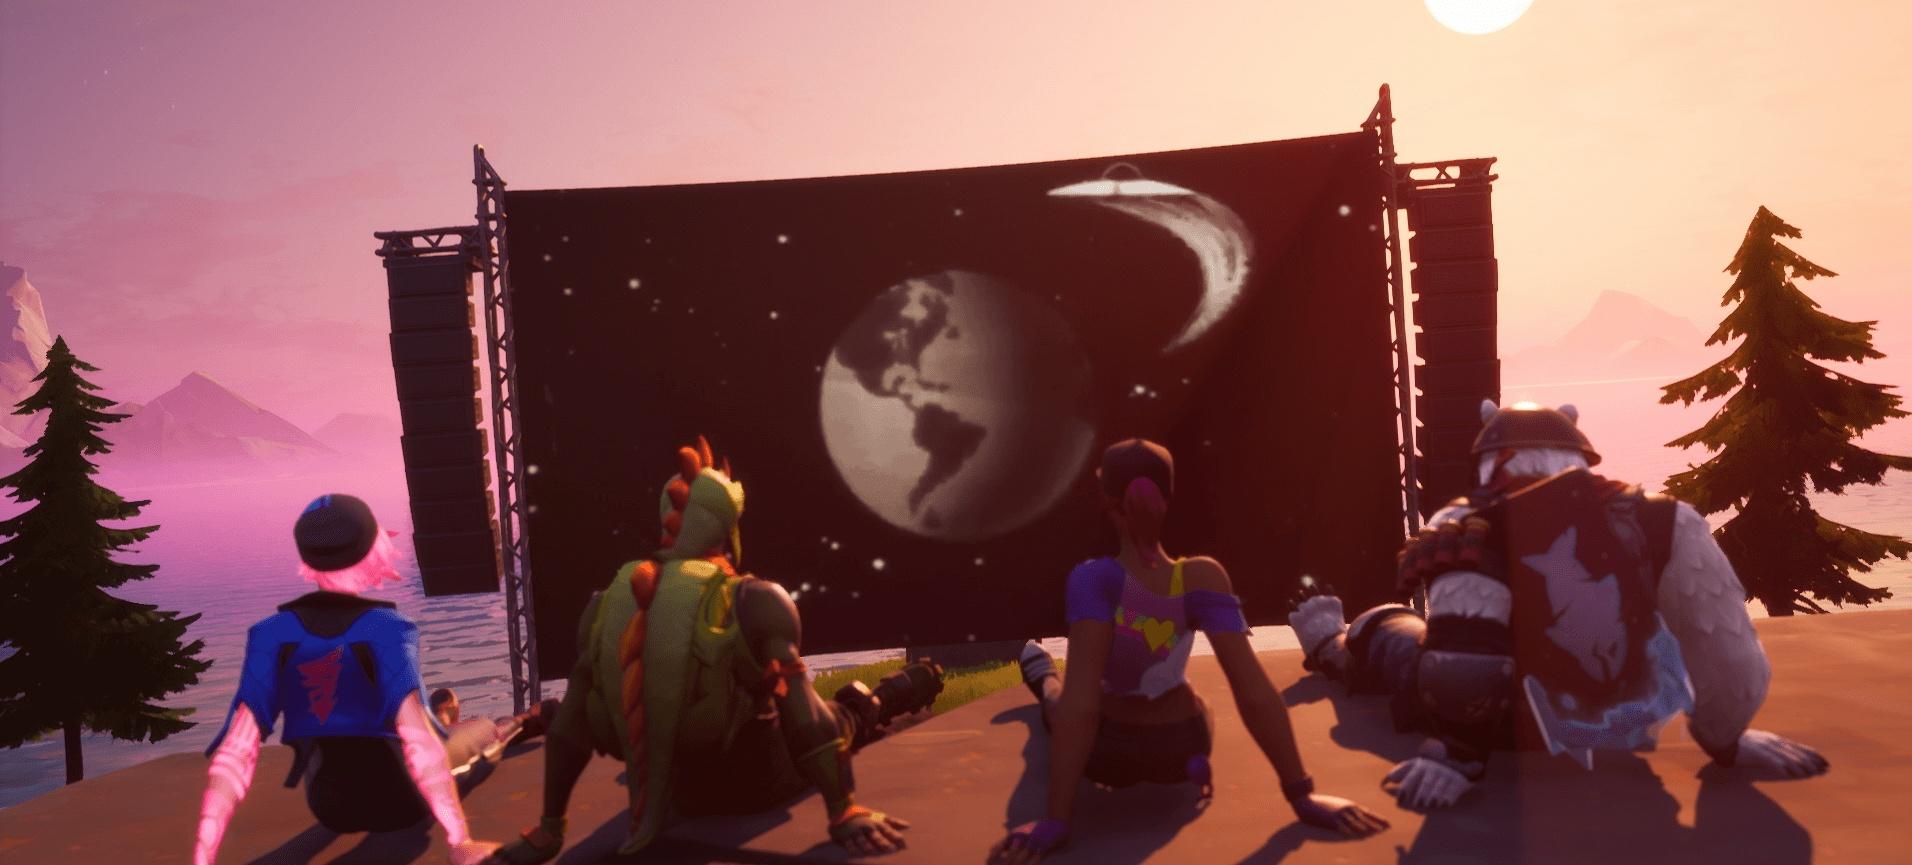 Аудитория Fortnite превысила 350 млн человек — в честь этого9 мая пройдёт концерт